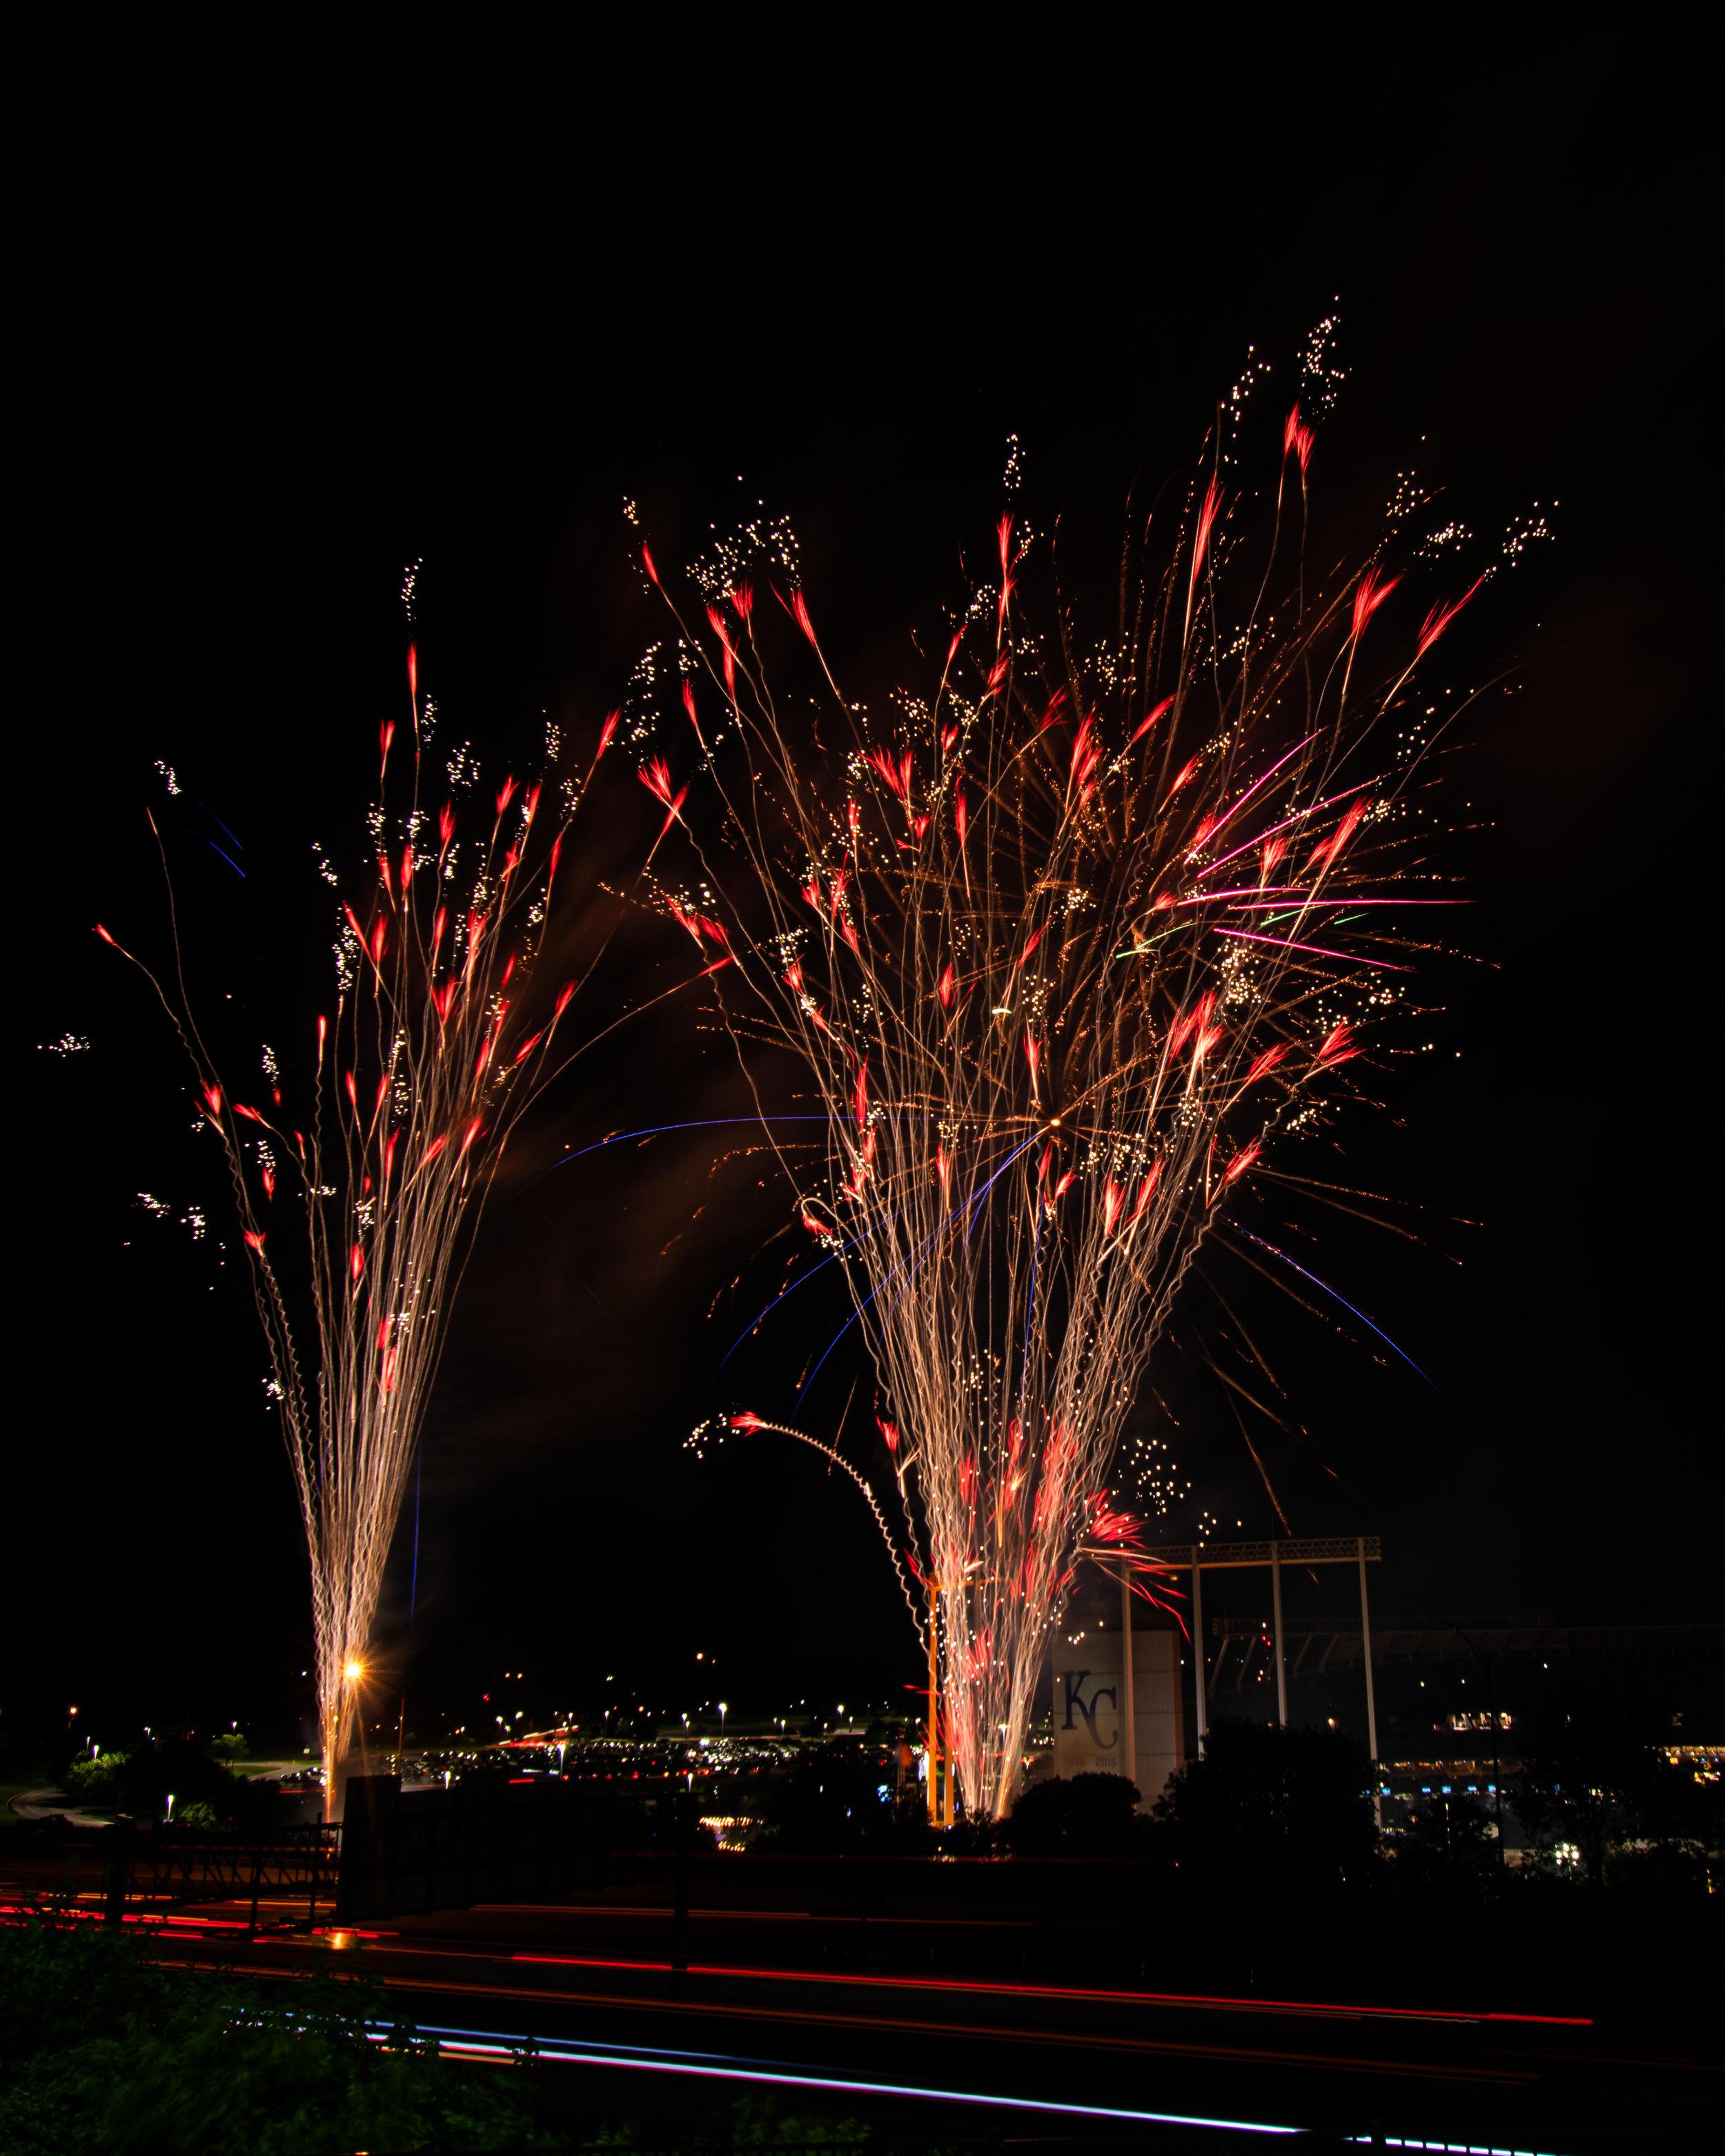 firework-friday-51-of-51_48108319793_o.jpg